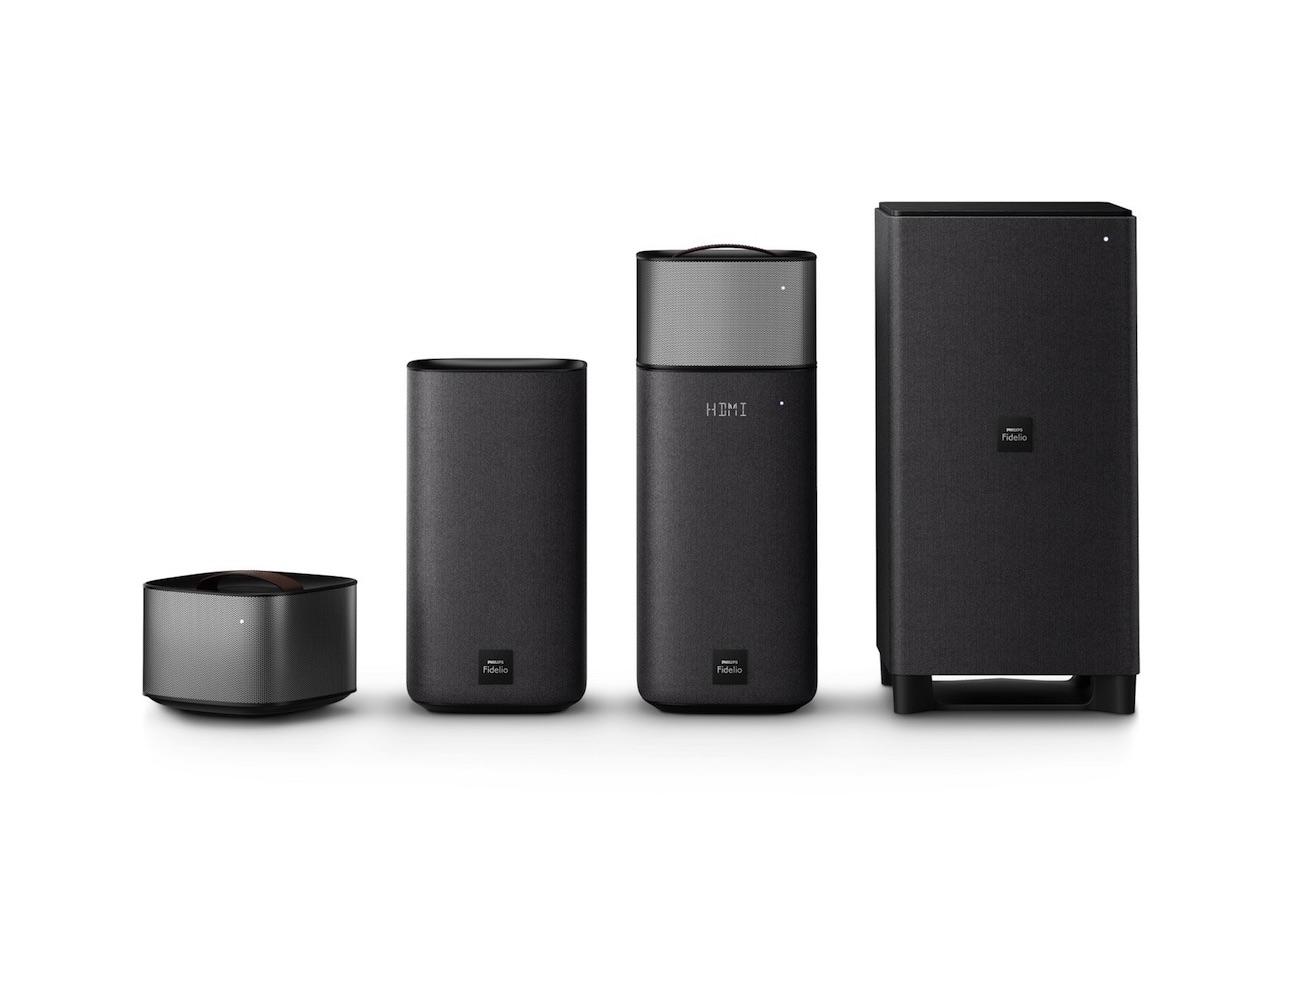 philips-fidelio-e6-wireless-speakers-stereo-to-surround-sound-in-seconds-04